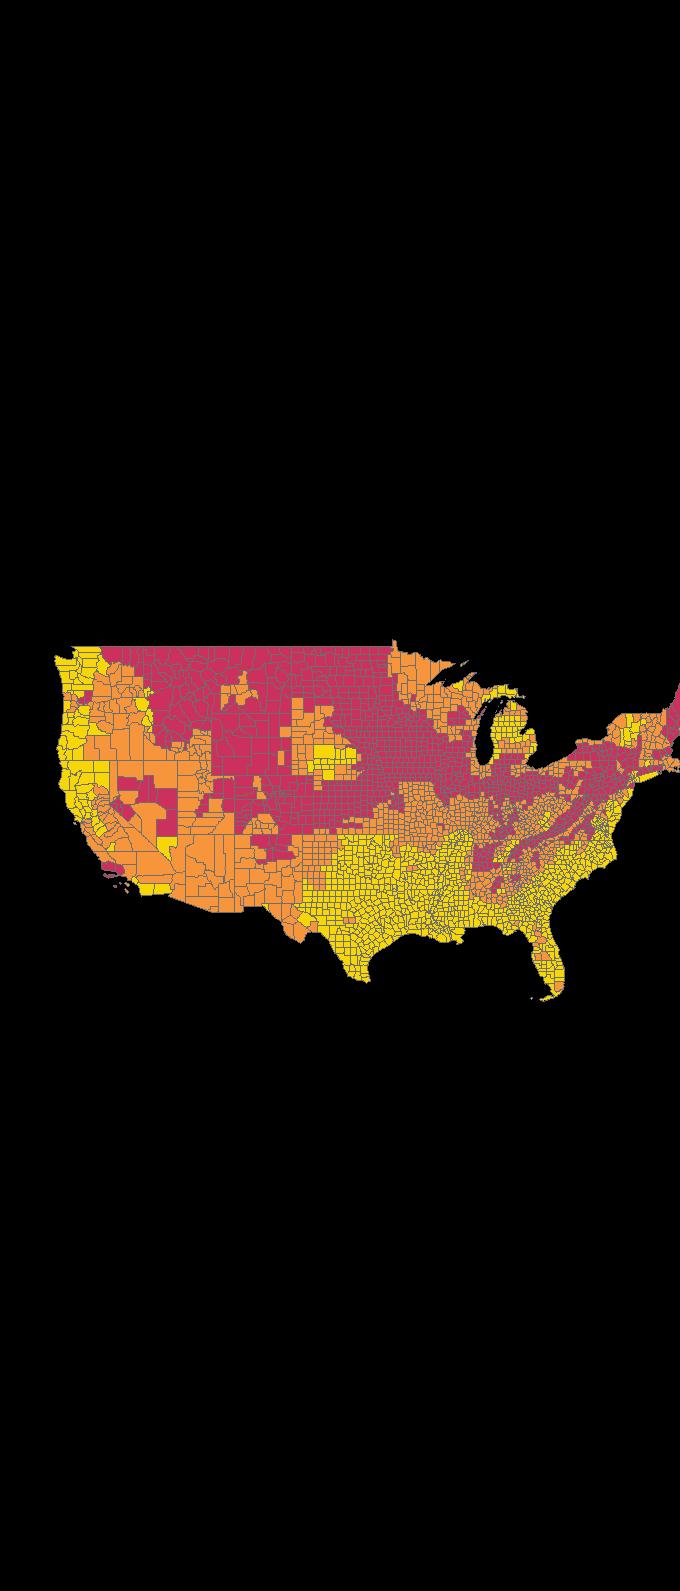 Epa Radon Zones With State Information - Radon-map-us